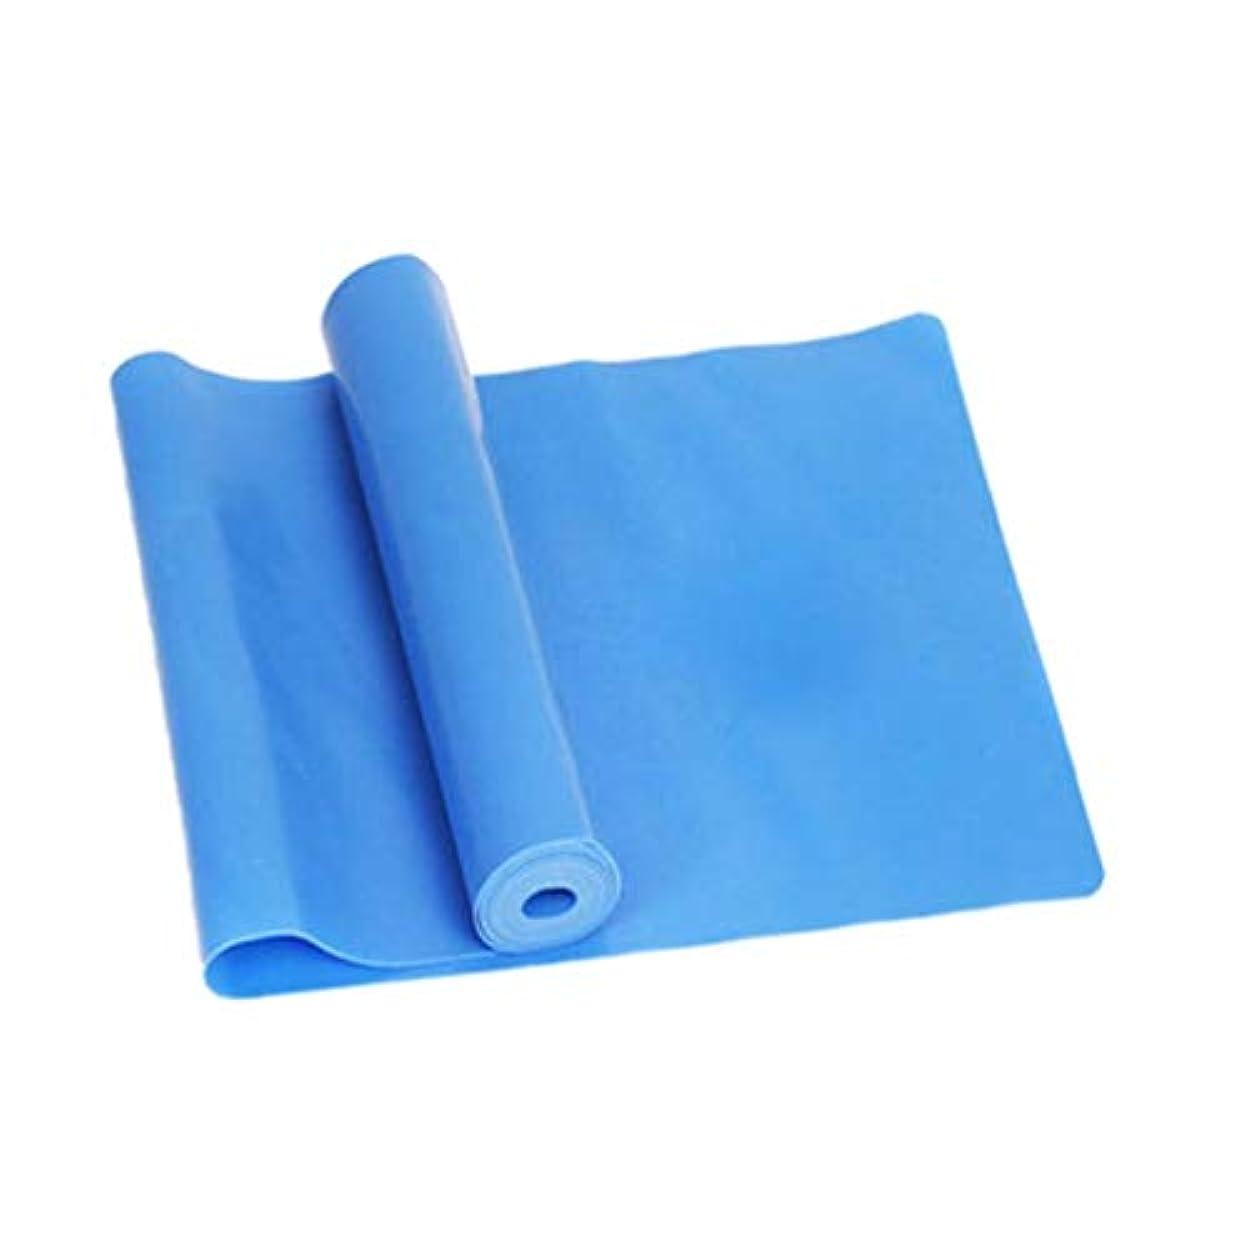 寸法メリー笑いスポーツジムフィットネスヨガ用品筋力トレーニング弾性抵抗バンドトレーニングヨガゴムループスポーツピラテスバンド - ブルー